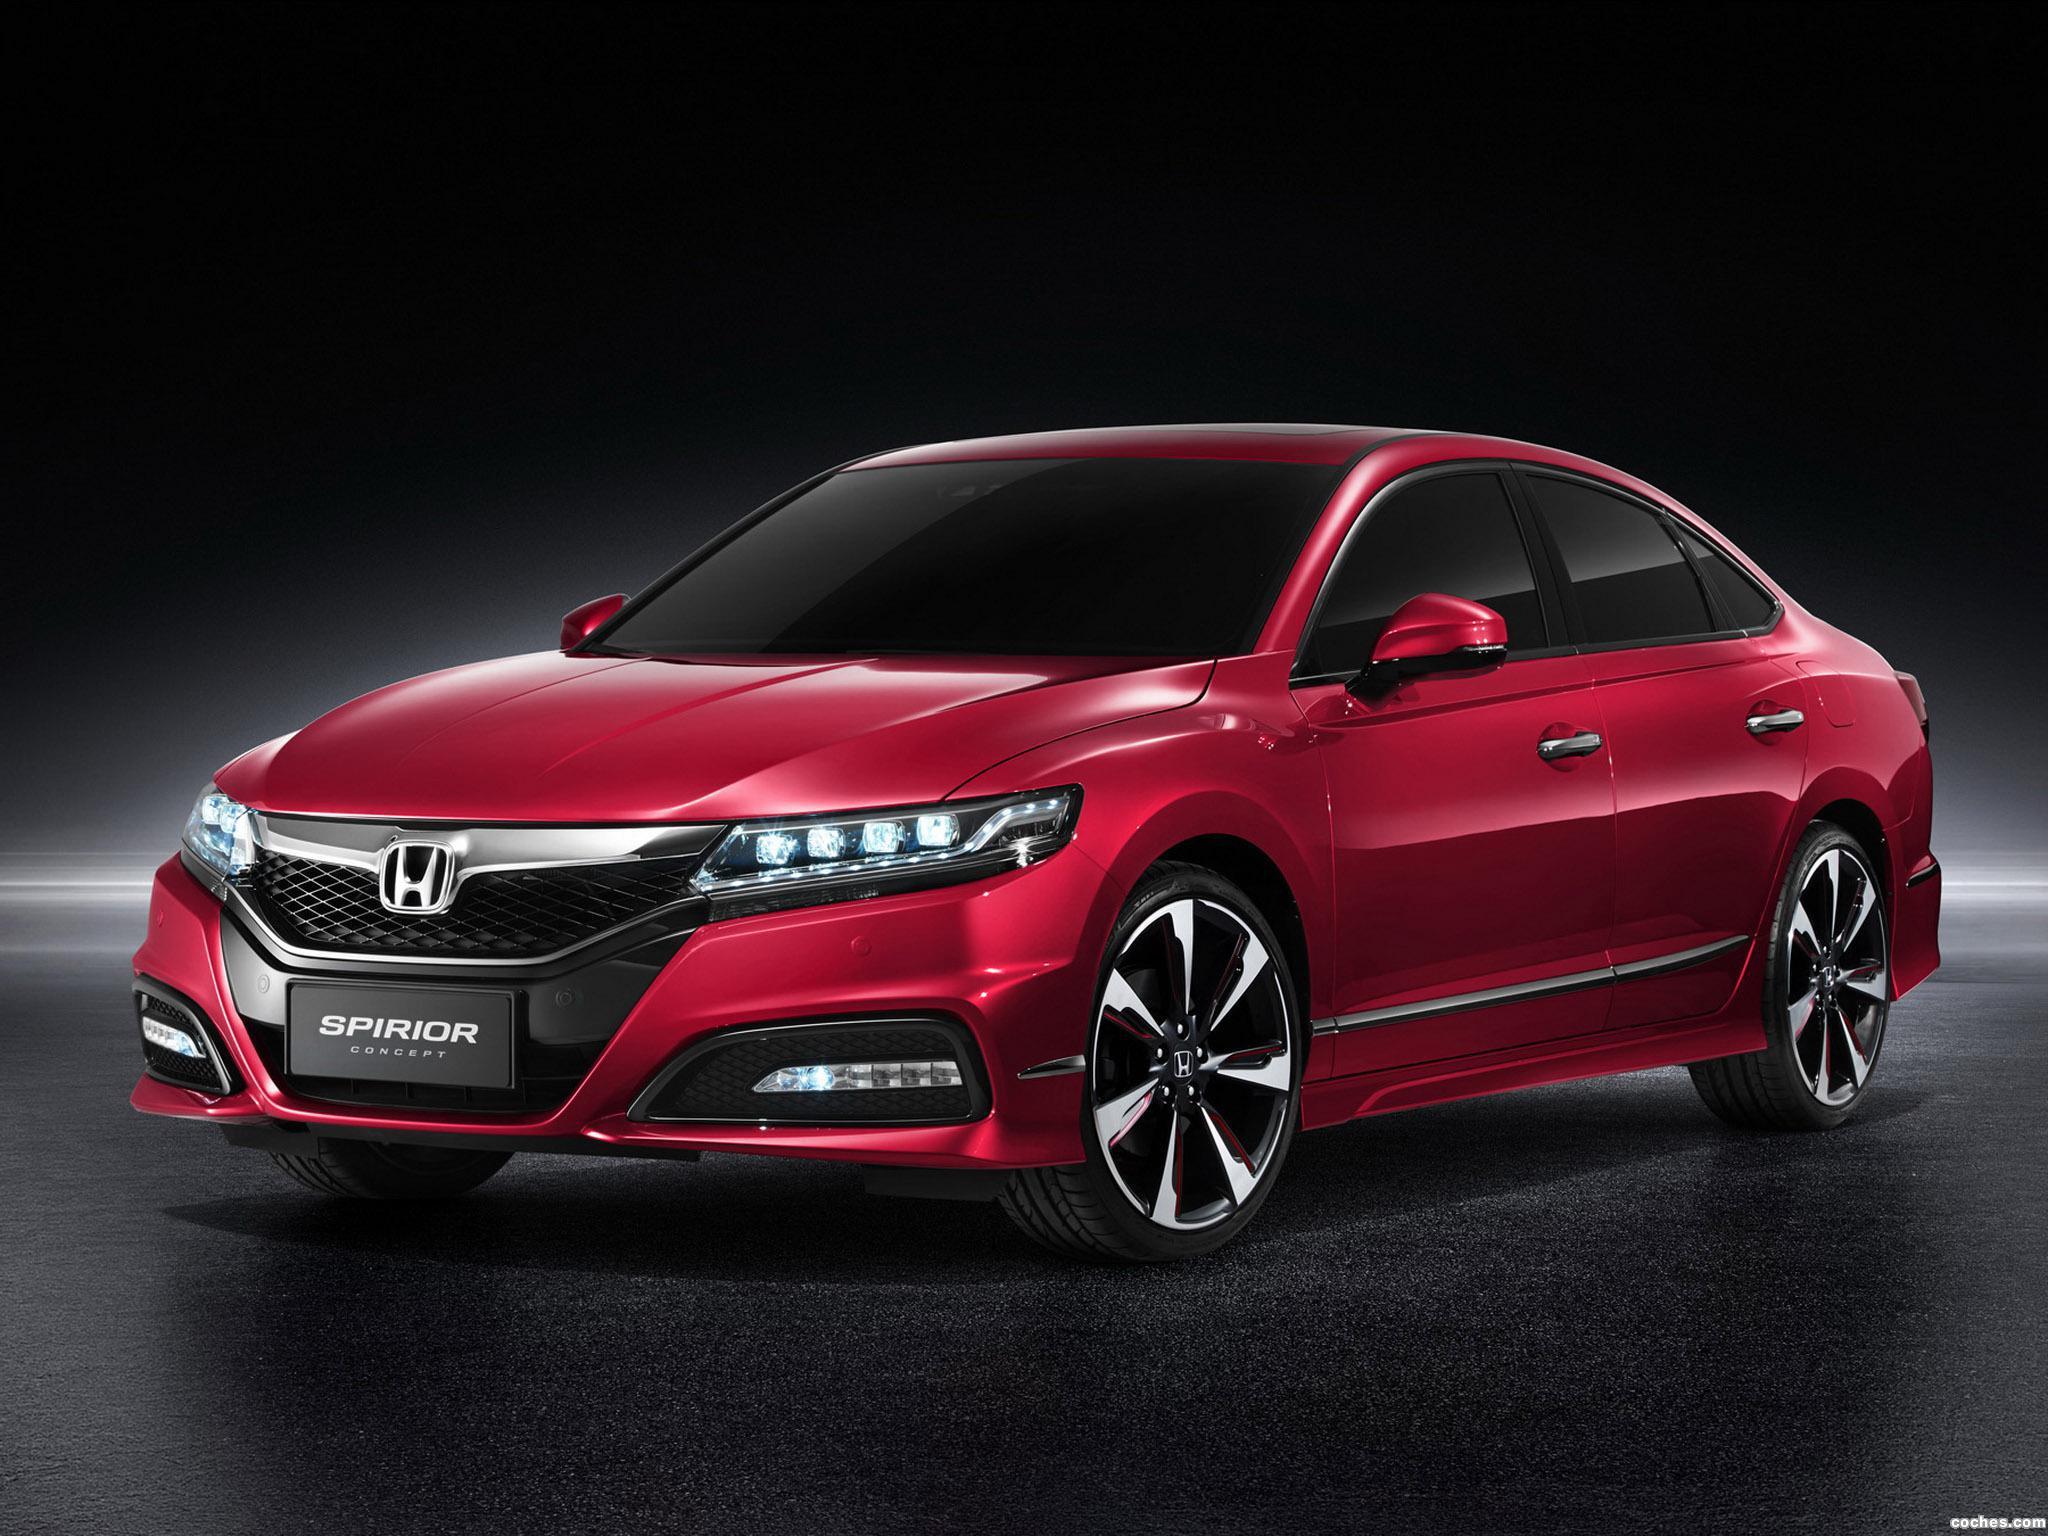 Foto 0 de Honda Spirior Concept 2014